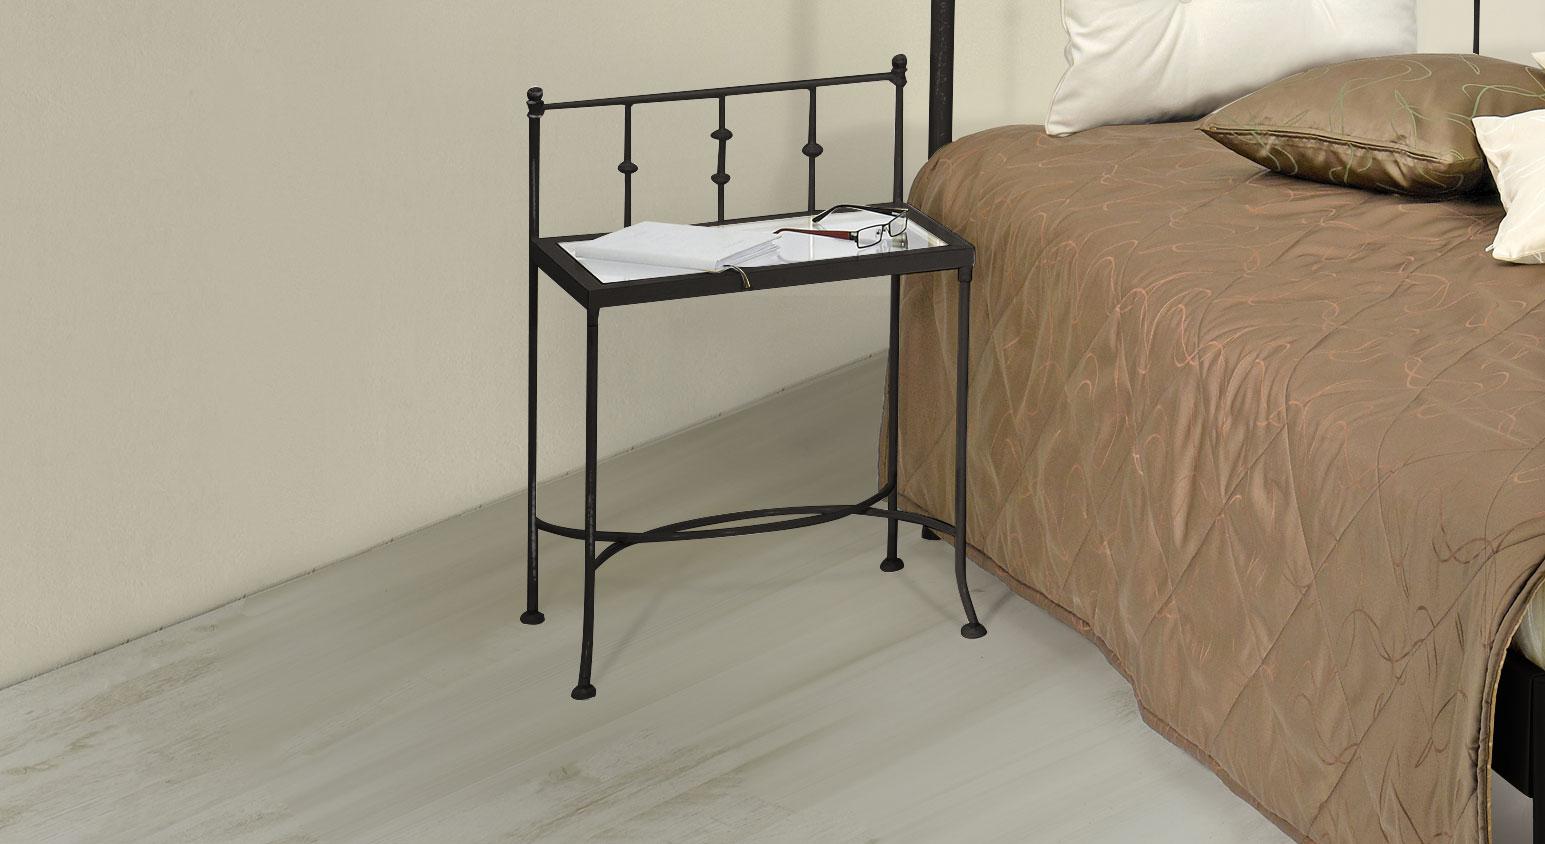 nachttisch aus metall z b in braun mit patina astara. Black Bedroom Furniture Sets. Home Design Ideas